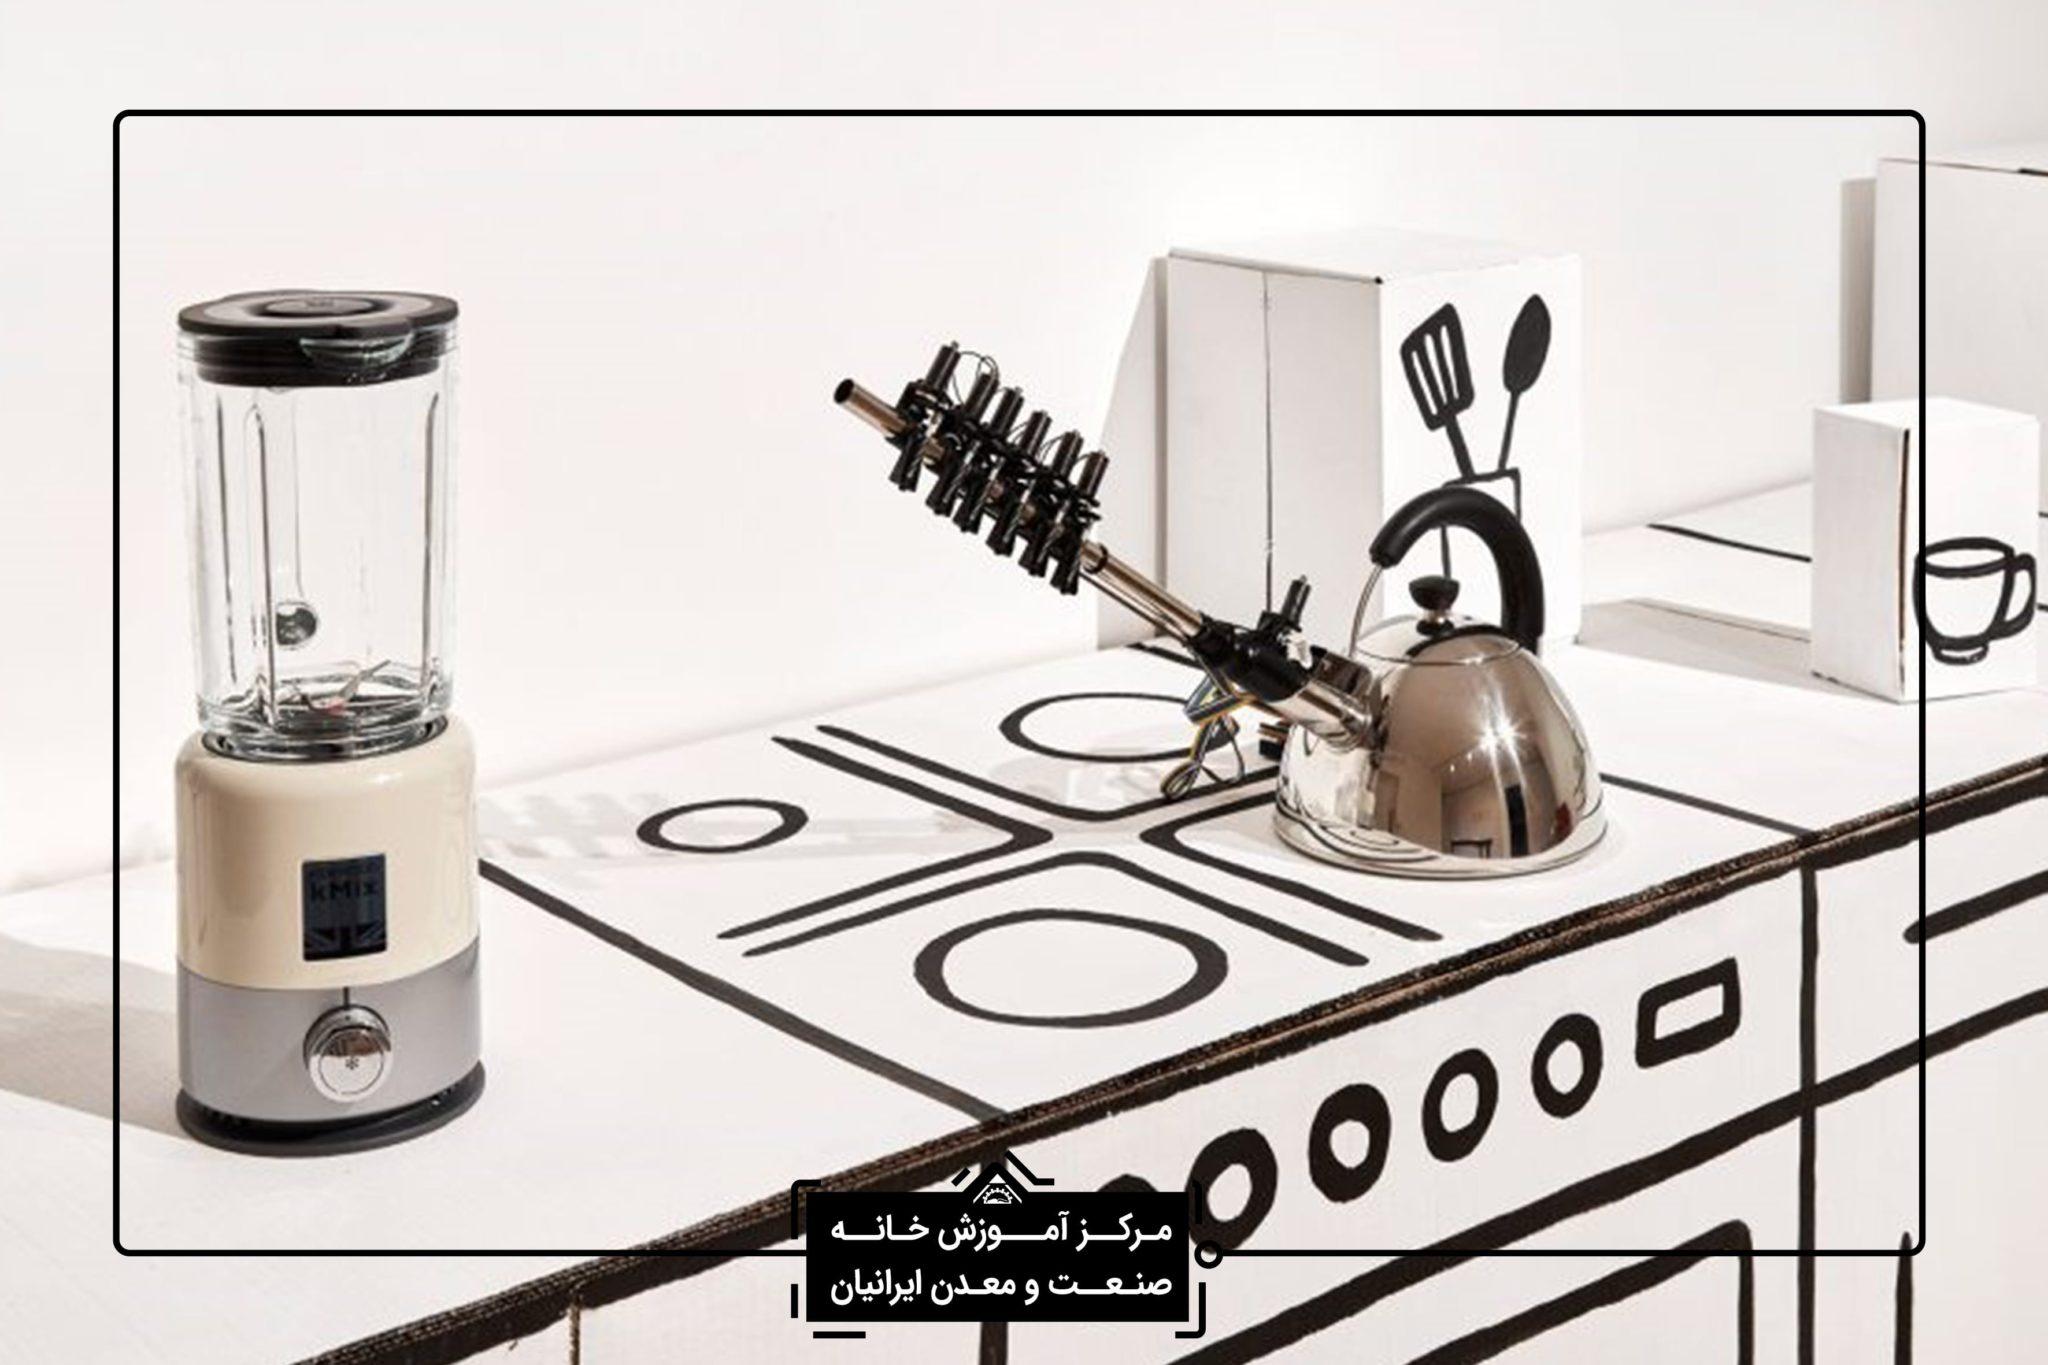 دکوراسیون داخلی در شیراز 1 - دوره تخصصی دکوراسیون داخلی در شیراز